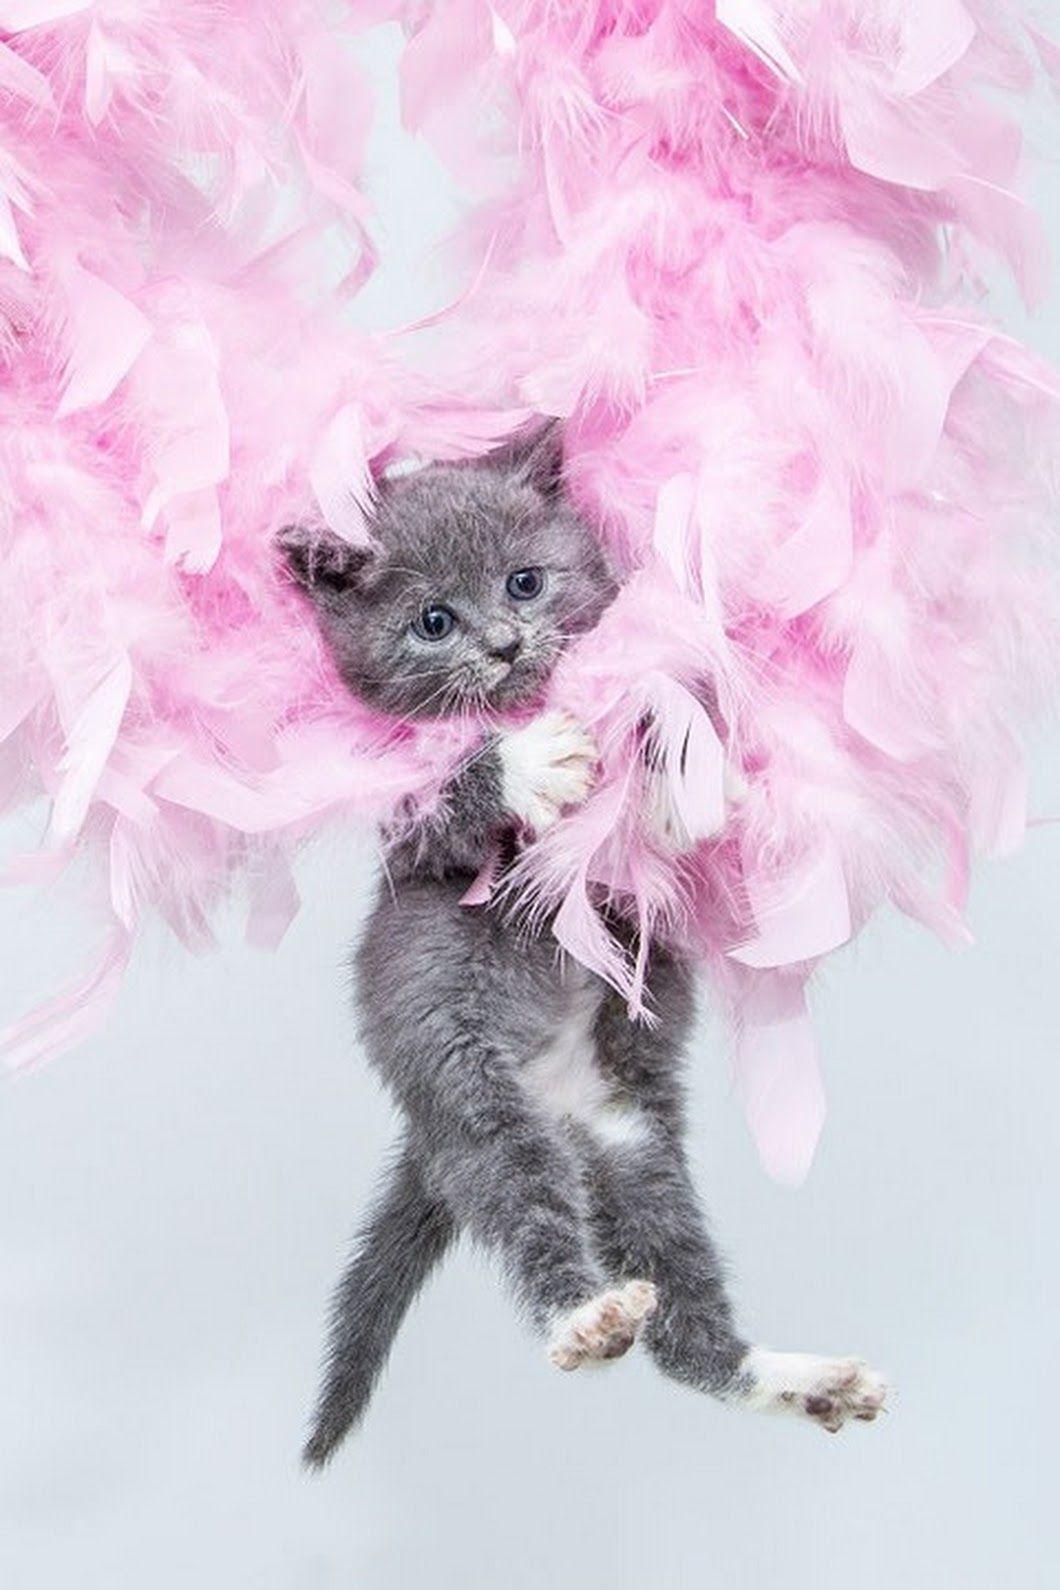 фото котенок поздравляю с днем рождения слышал